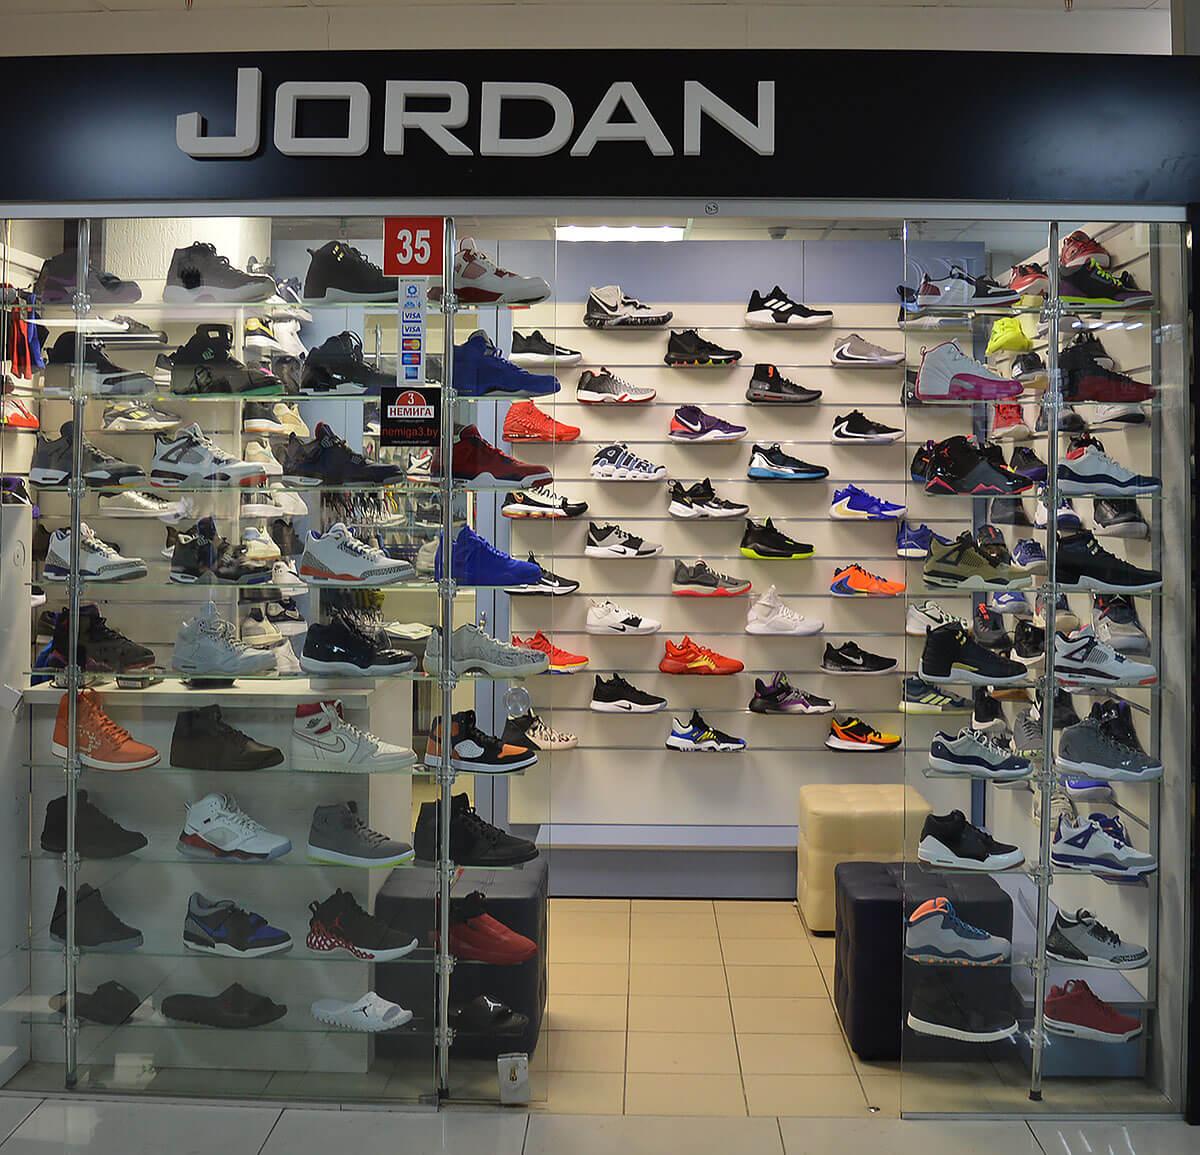 Jordan - спортивная обувь на 1-м этаже в павильоне №35 в Торговом Центре «Немига 3»